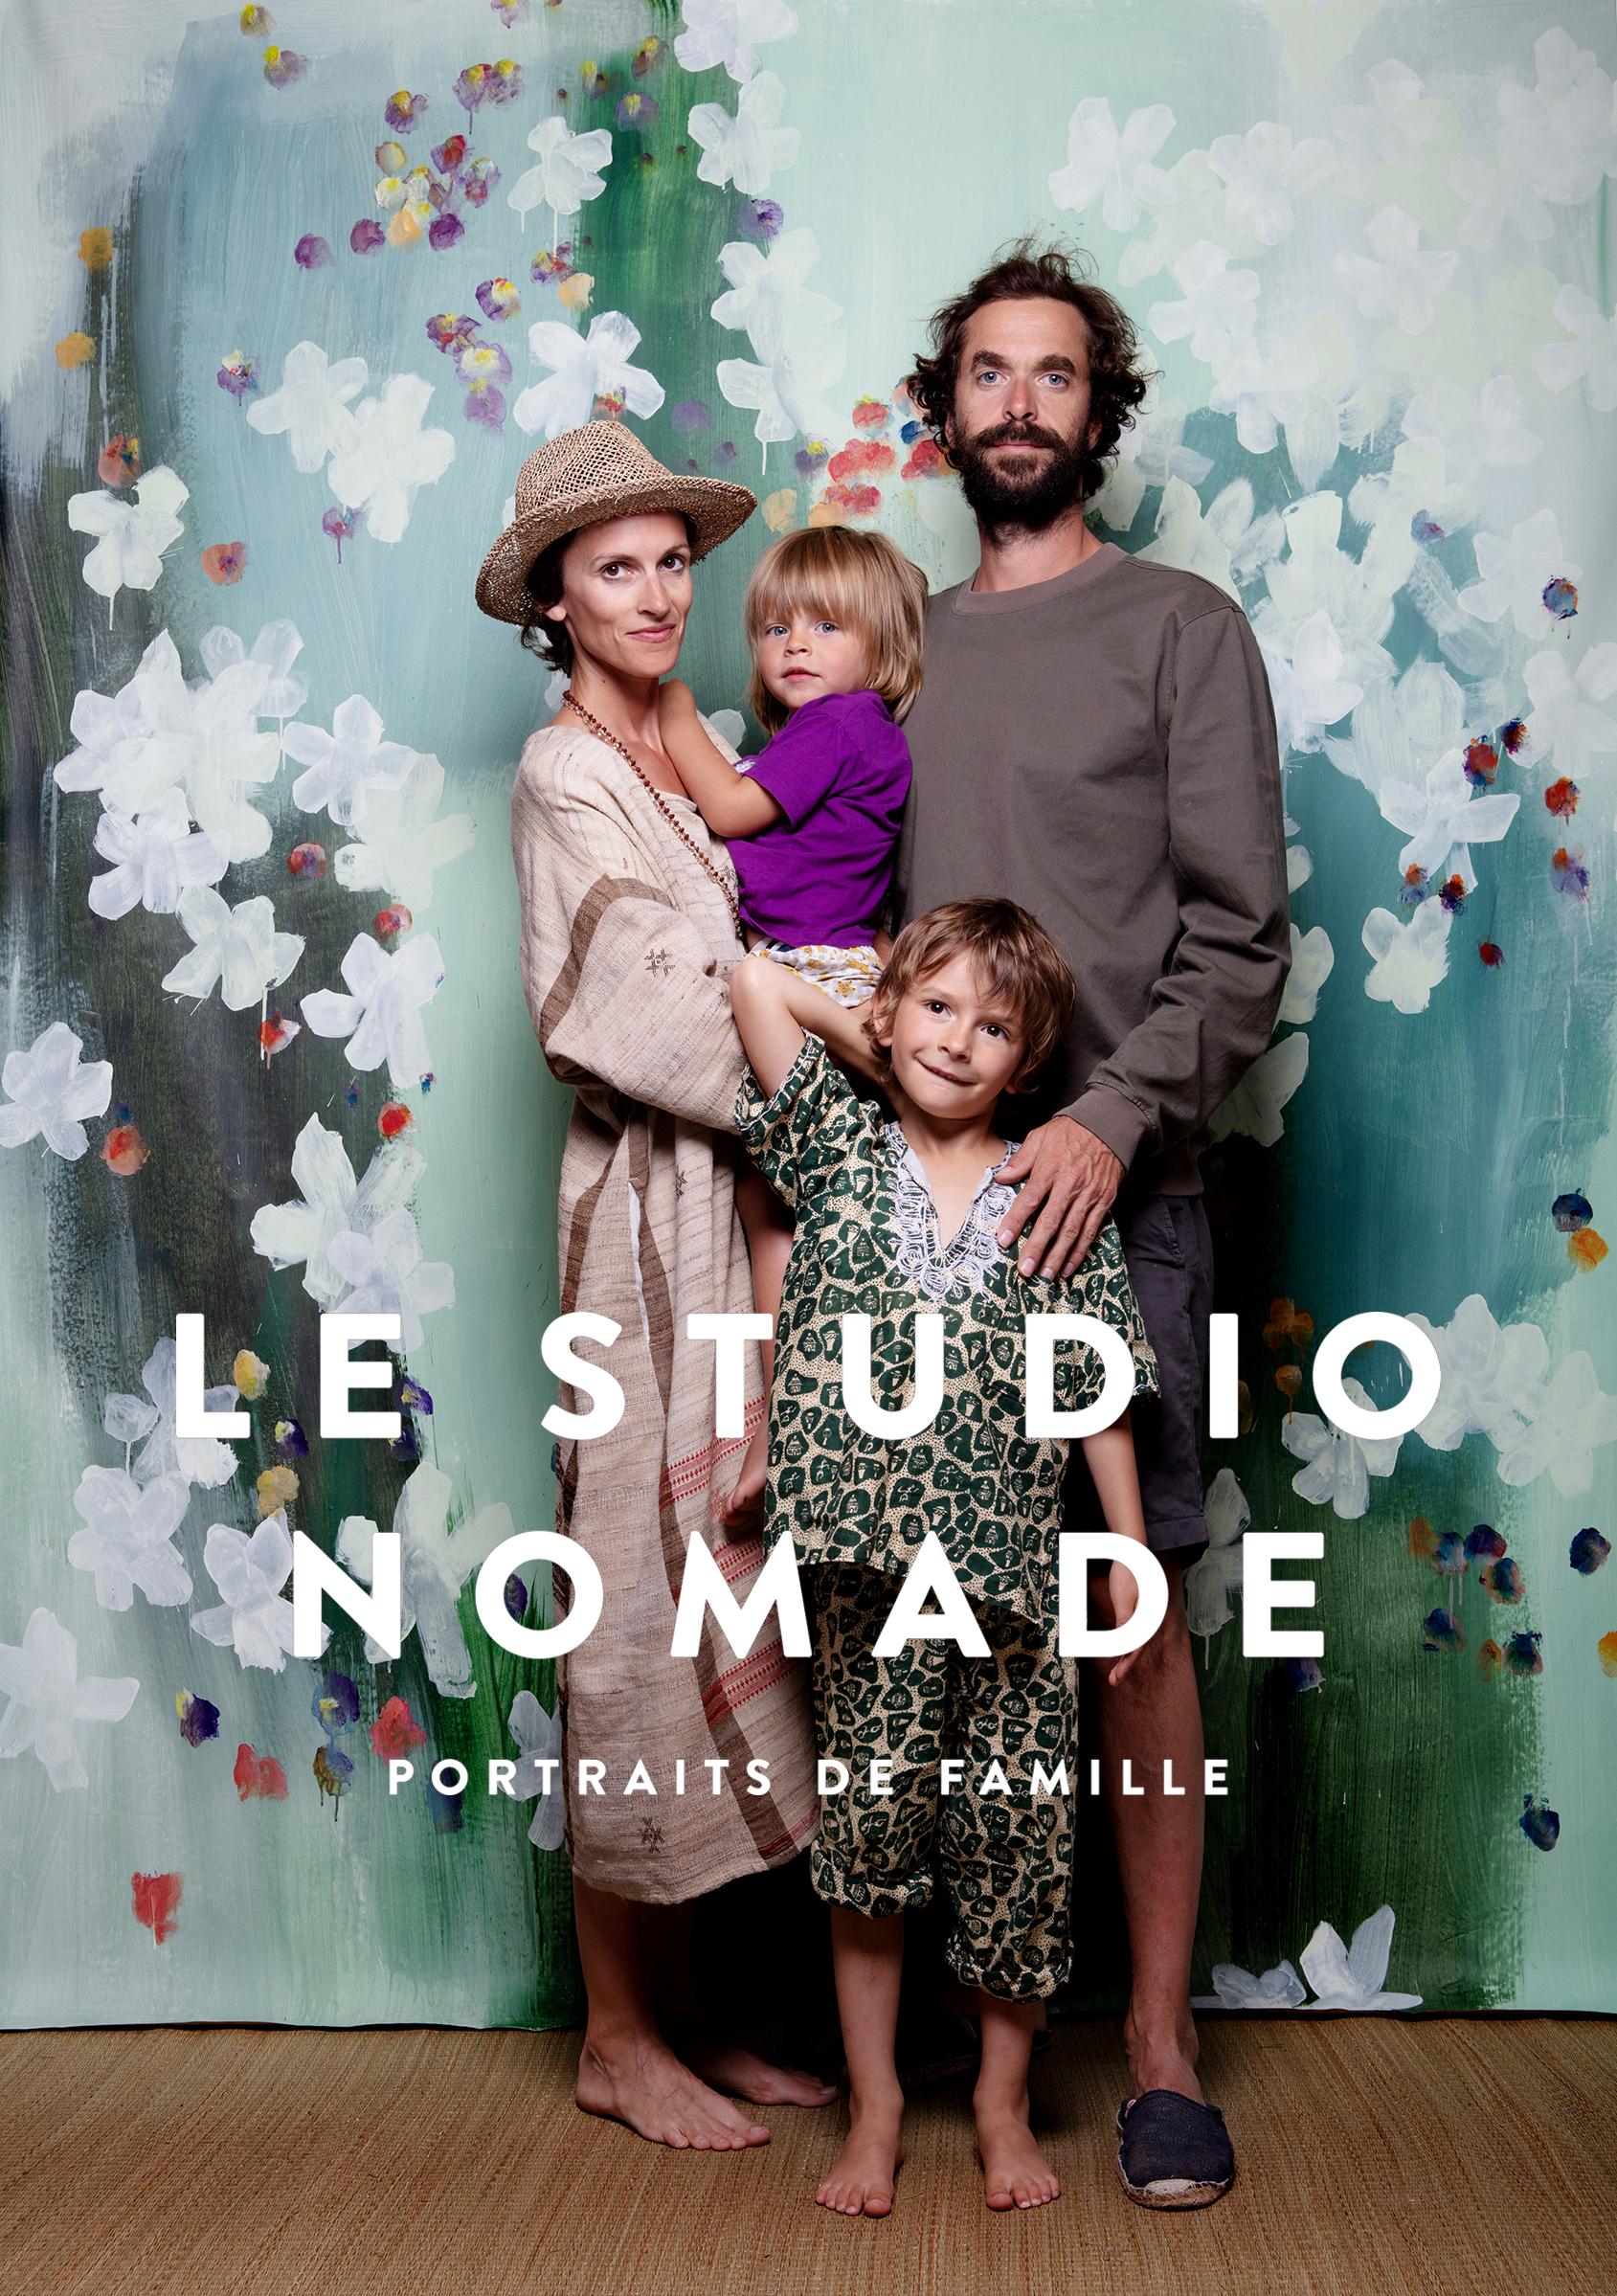 Studio Nomade - portraits de famille